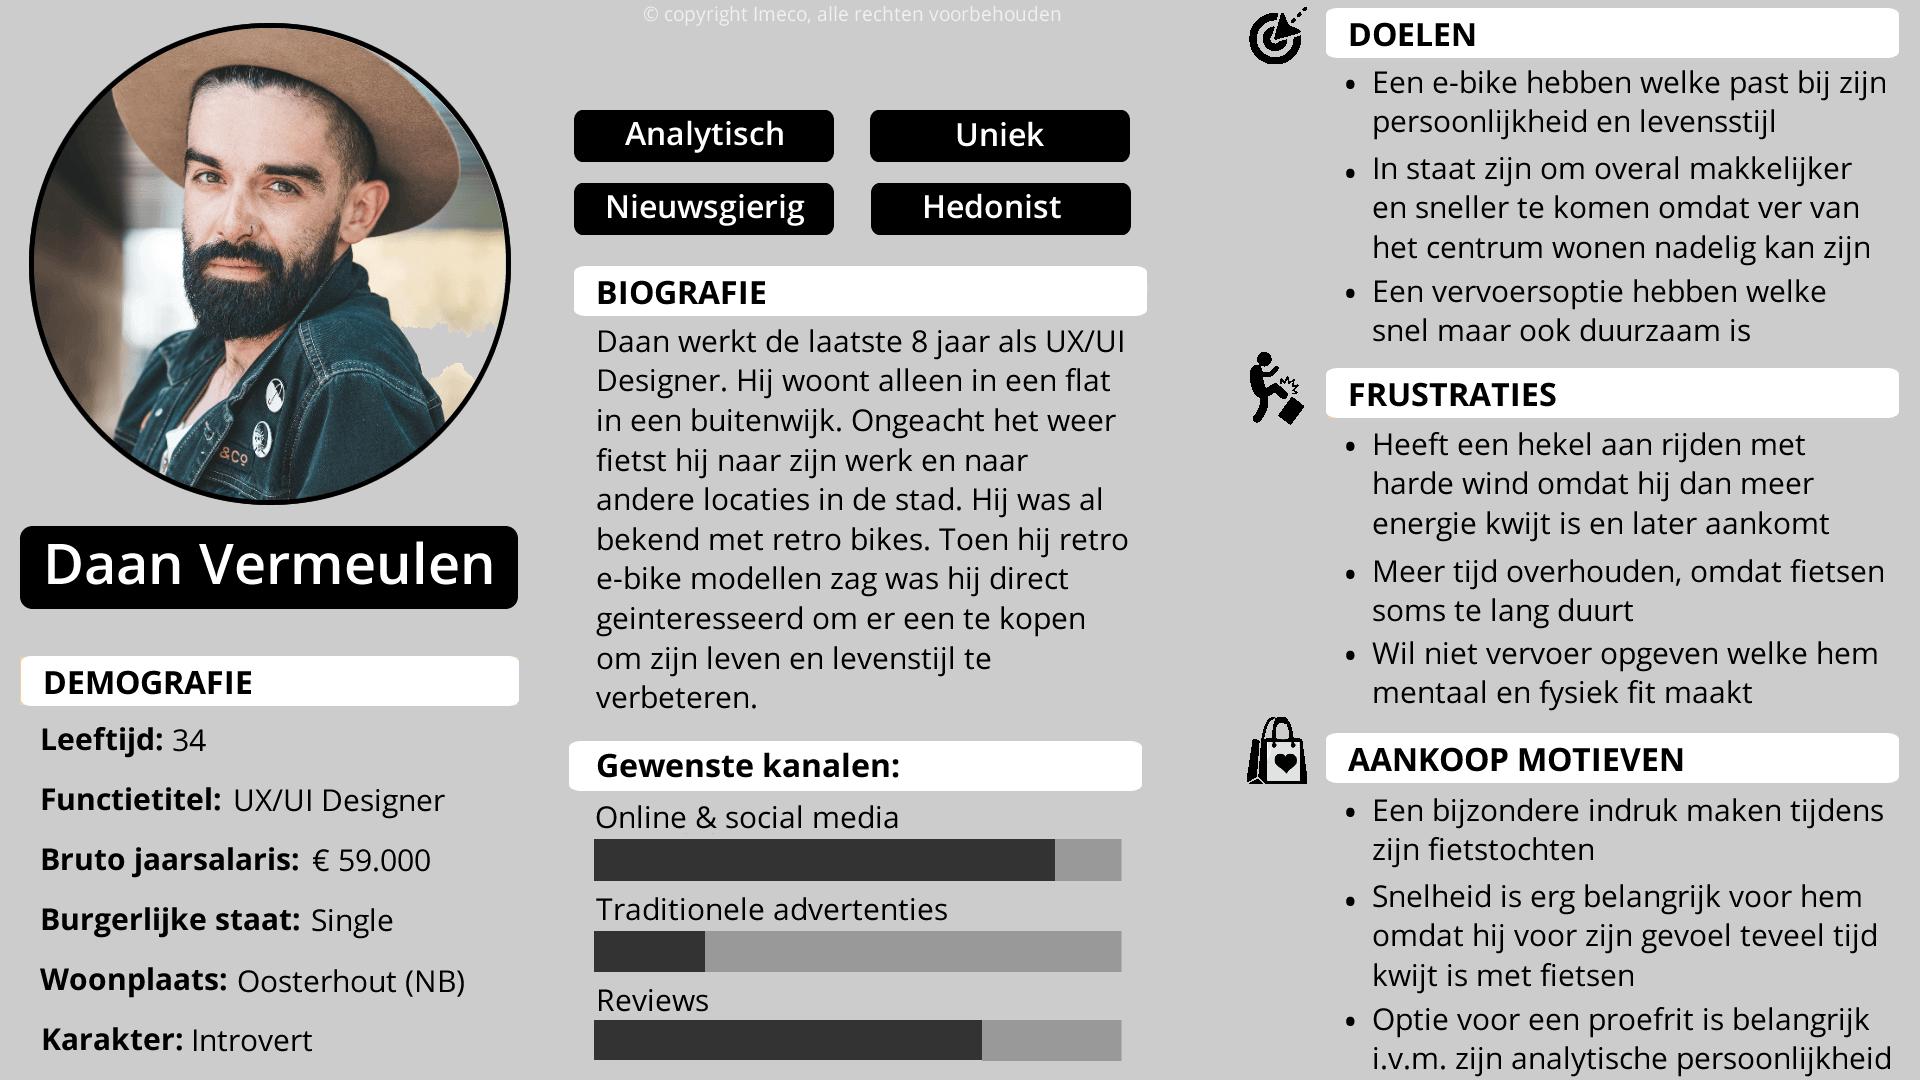 Ontmoet deze buyer persona Daan, een UX/UI designer uit Oosterhout